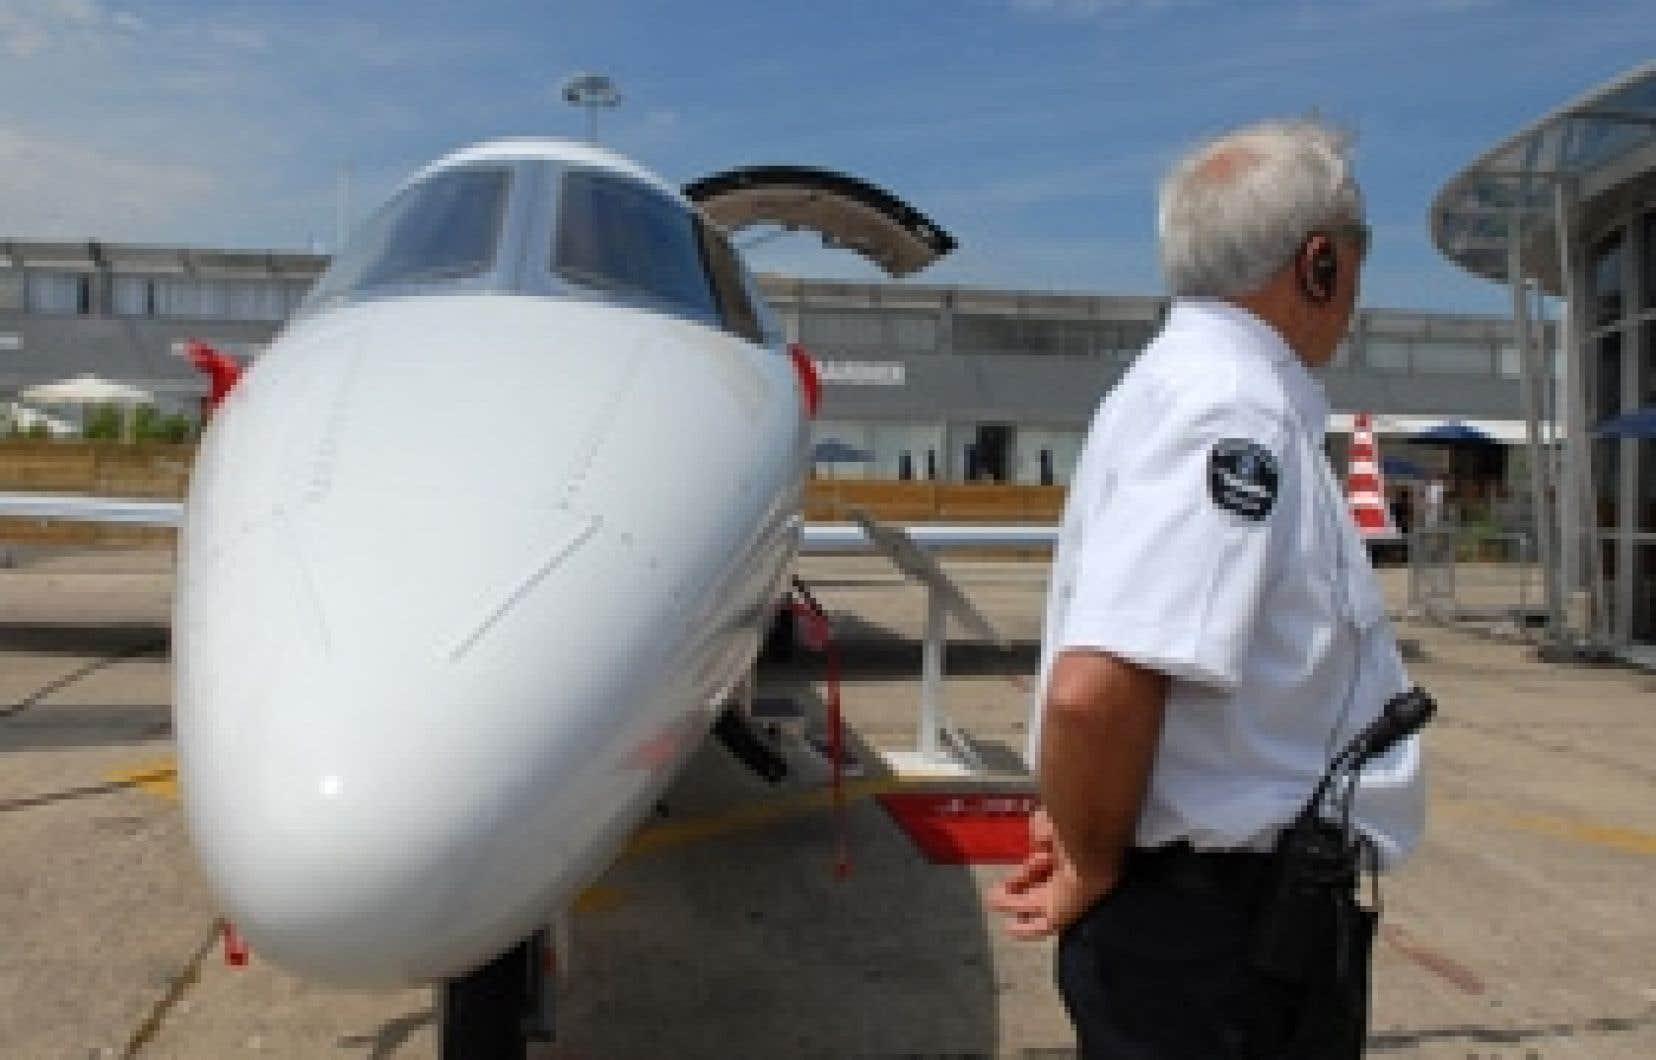 Salon international de l 39 a ronautique et de l 39 espace du - Salon international de l aeronautique et de l espace ...